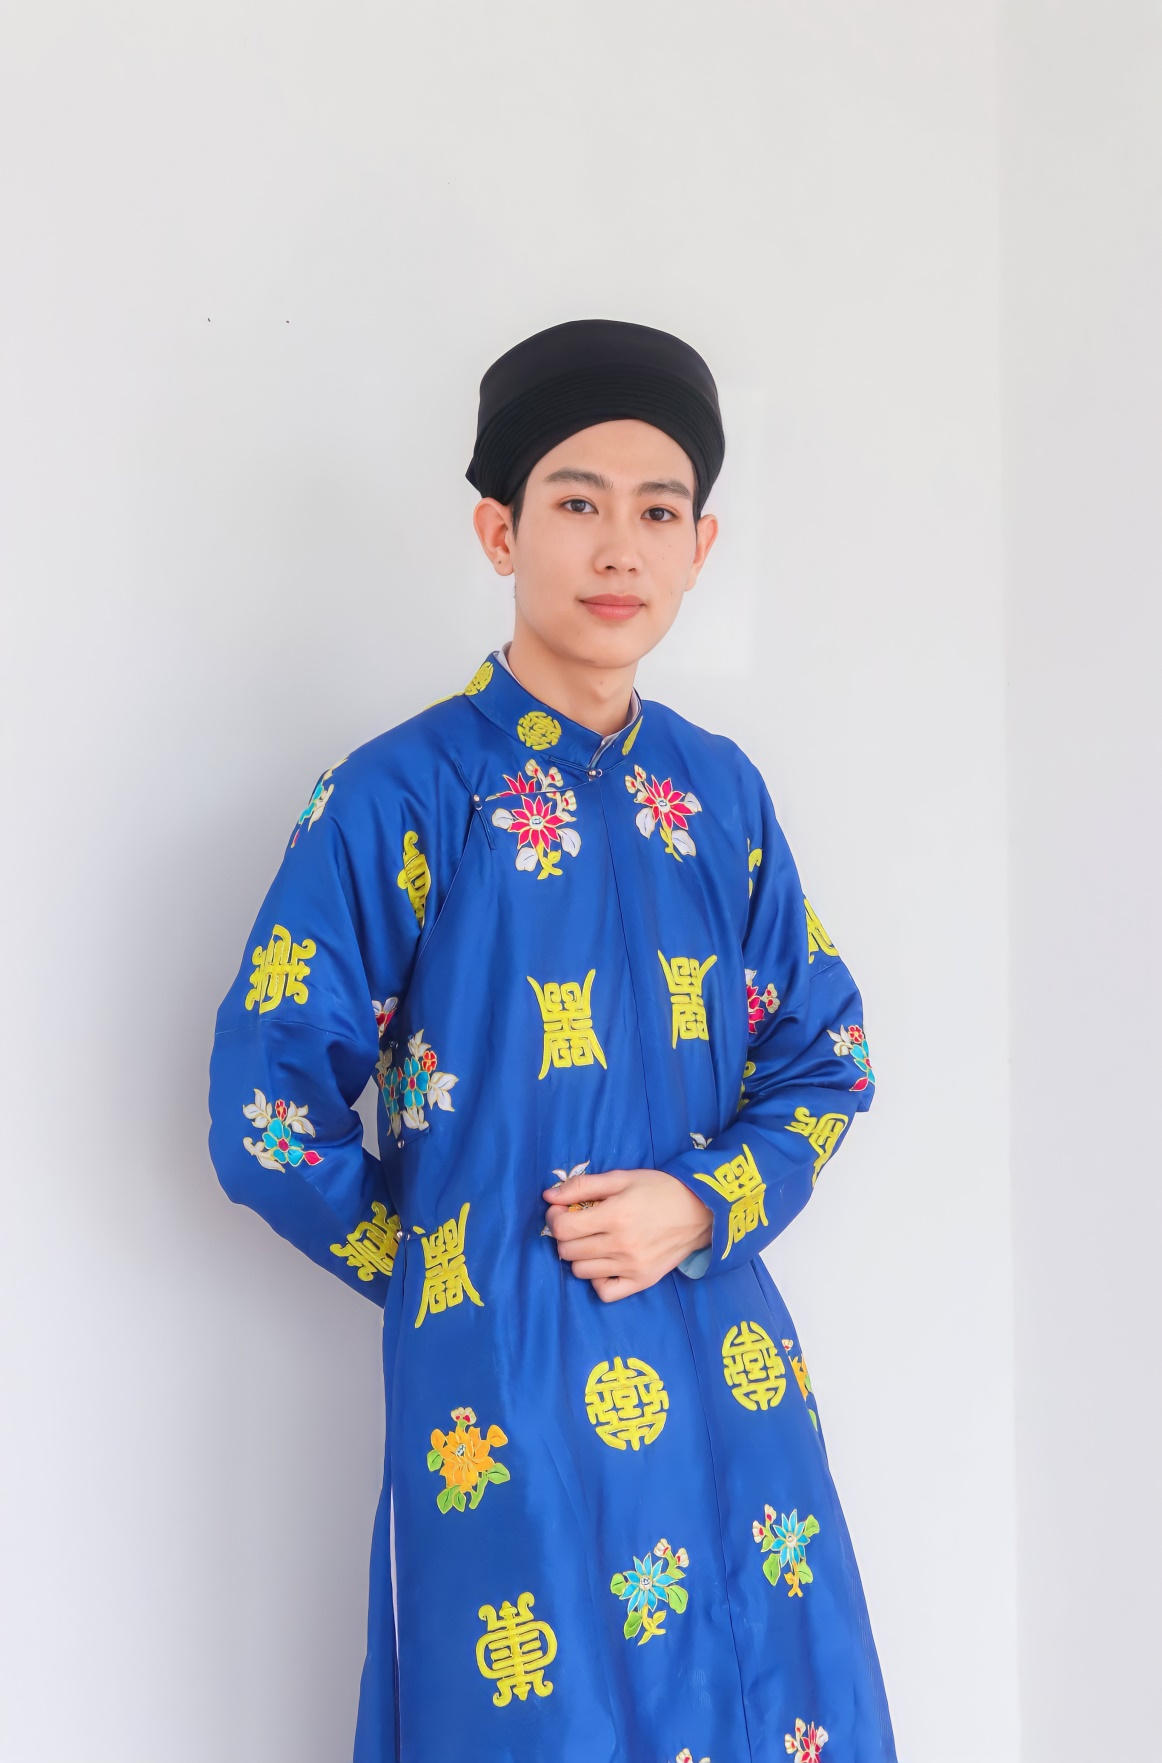 Cổ phục Việt lưu giữ tinh hoa văn hóa dân tộc - Ảnh 5.